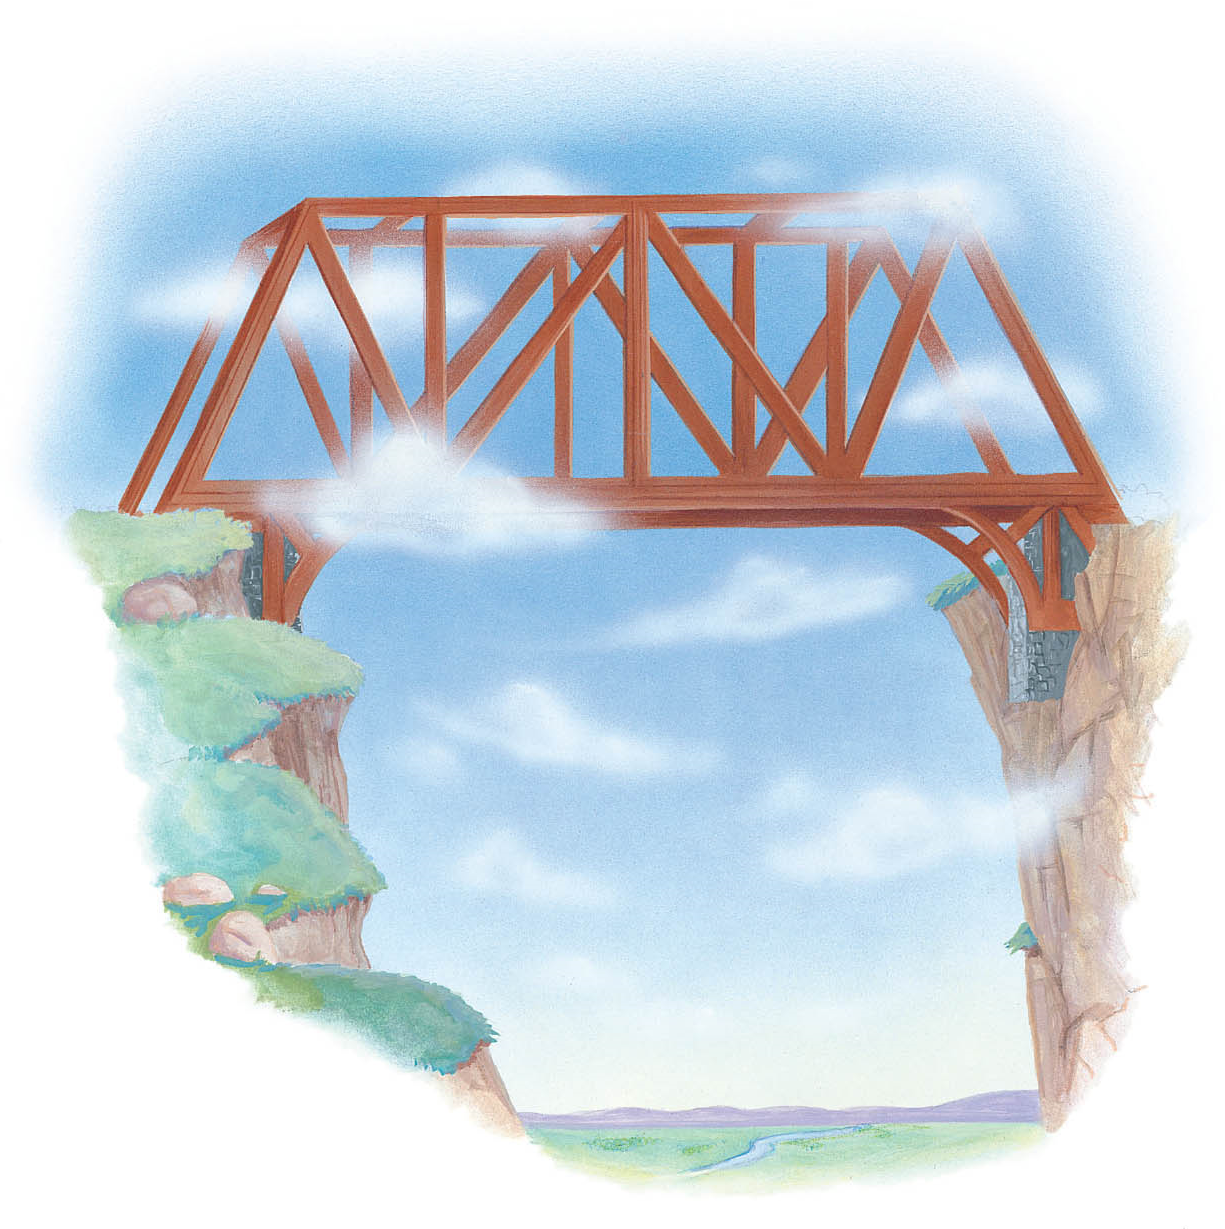 The Big, Big Bridge